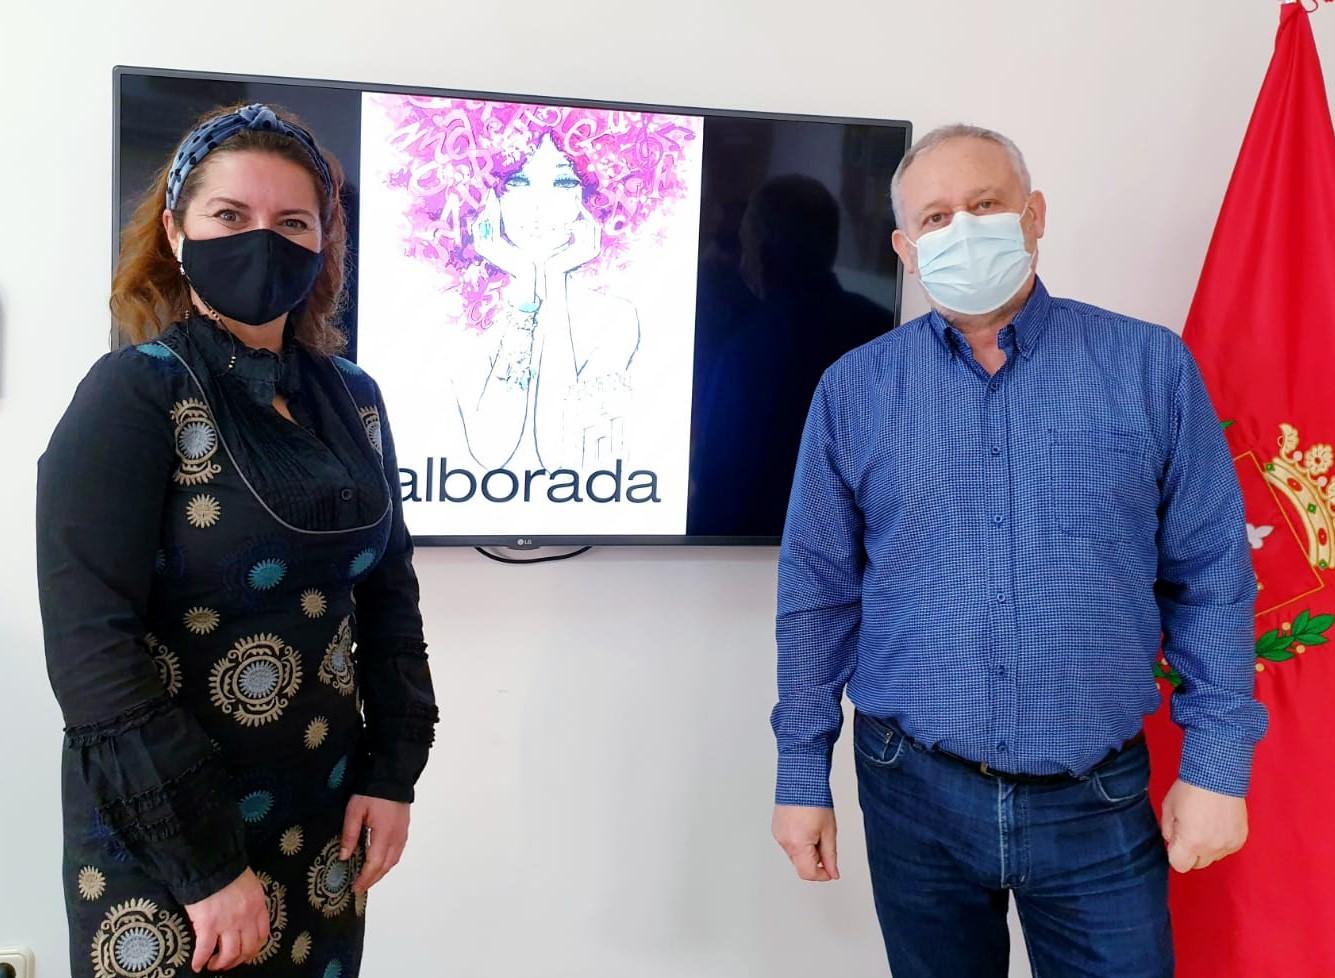 El dossier central del próximo número de la revista Alborada estará dedicado a la cooperación y la solidaridad en Elda